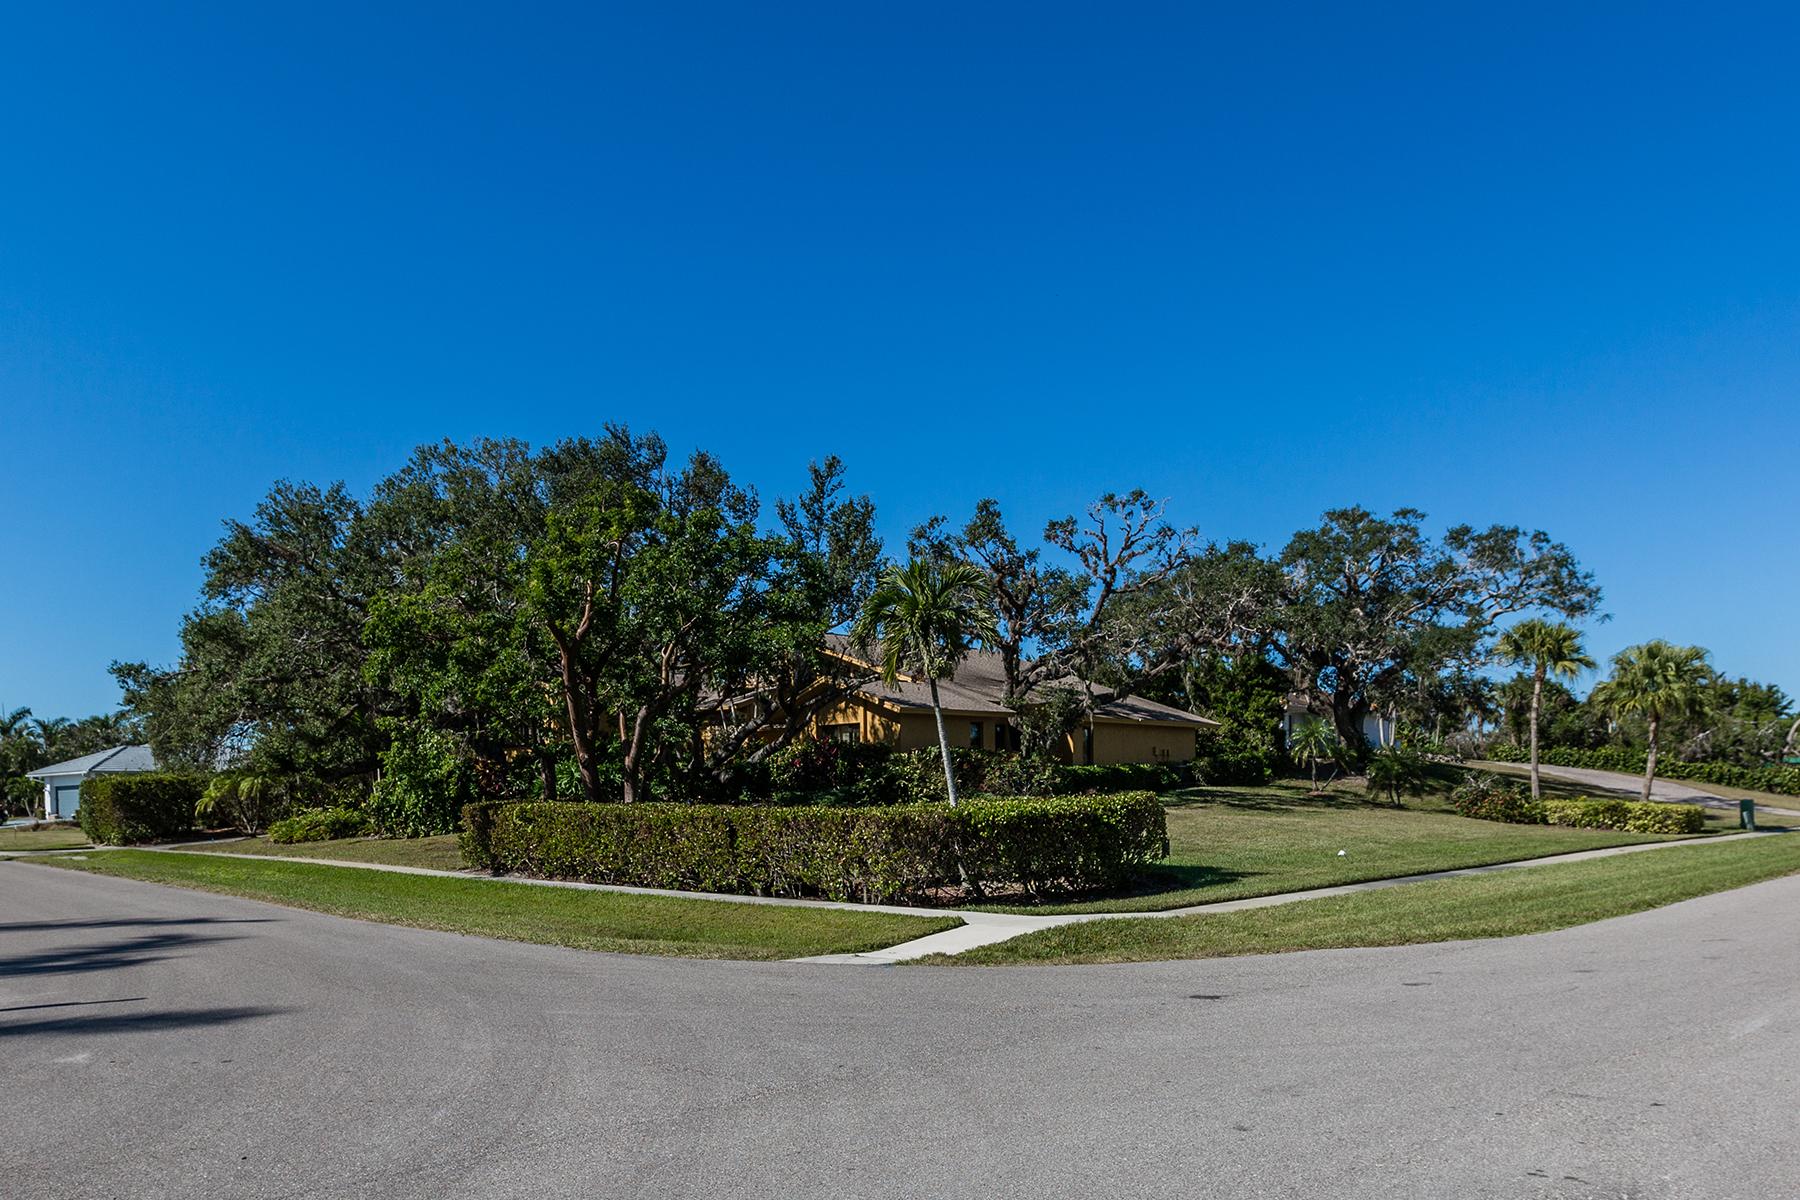 Частный односемейный дом для того Продажа на MARCO ISLAND 902 E Inlet Dr, Marco Island, Флорида, 34145 Соединенные Штаты